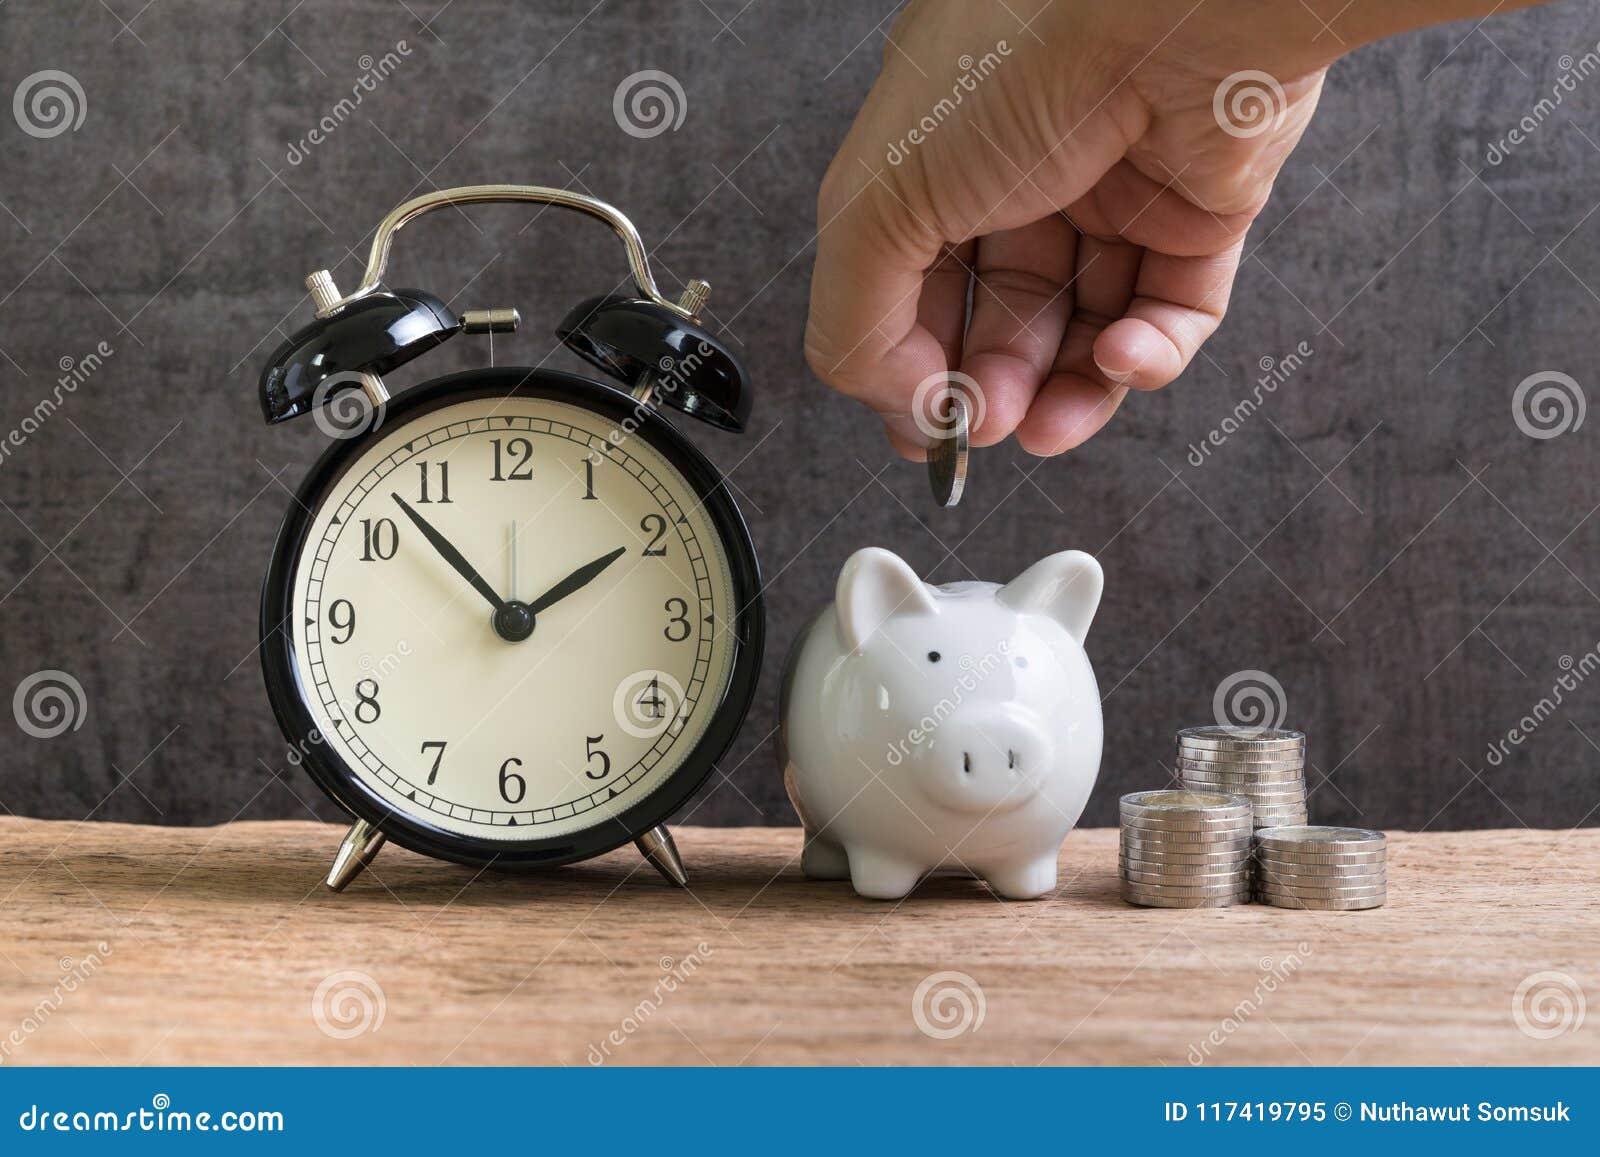 Долгосрочный финансовый учет сбережения и инвестирования, установка руки